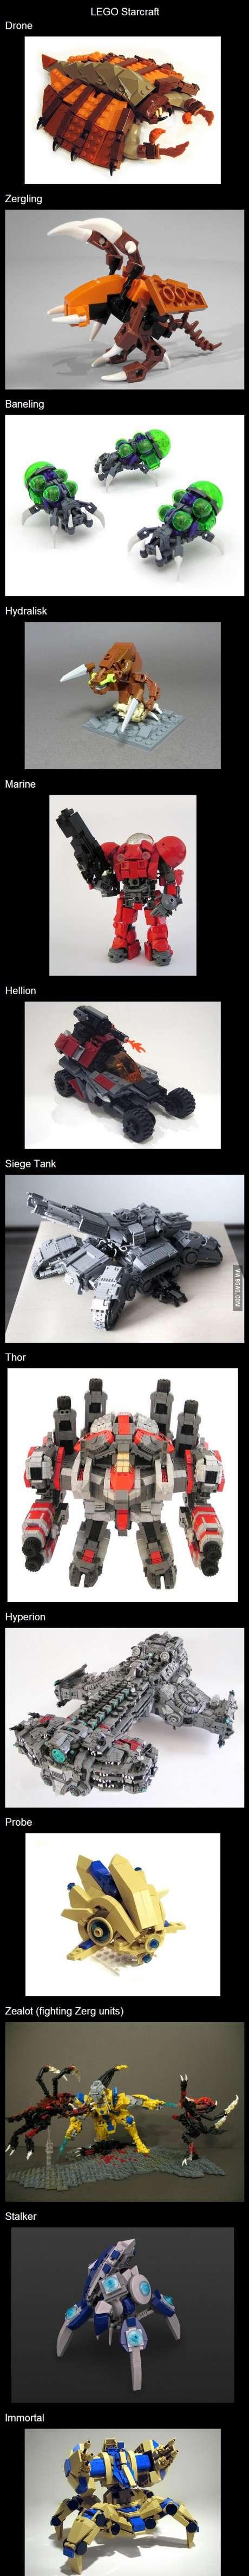 Réalisations en Lego Av0vqa10